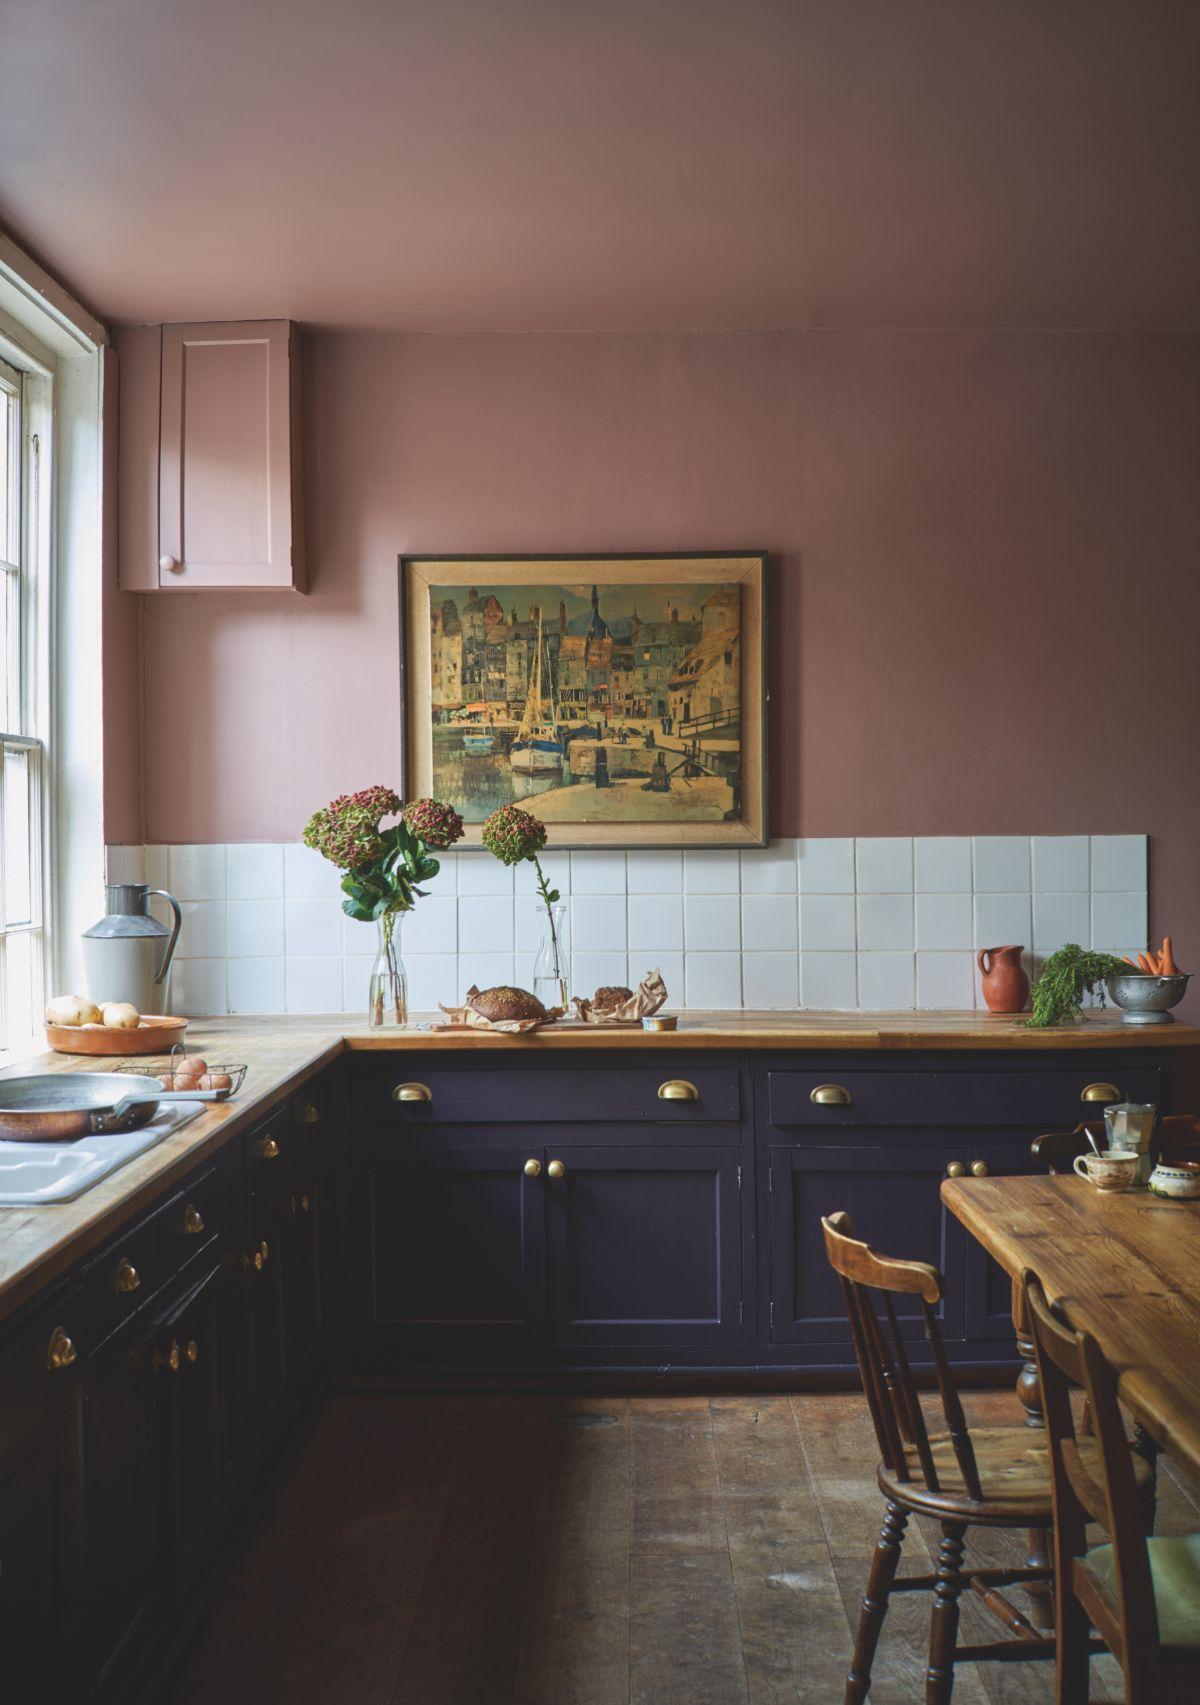 Flipboard The Best Kitchen Cupboard Paint